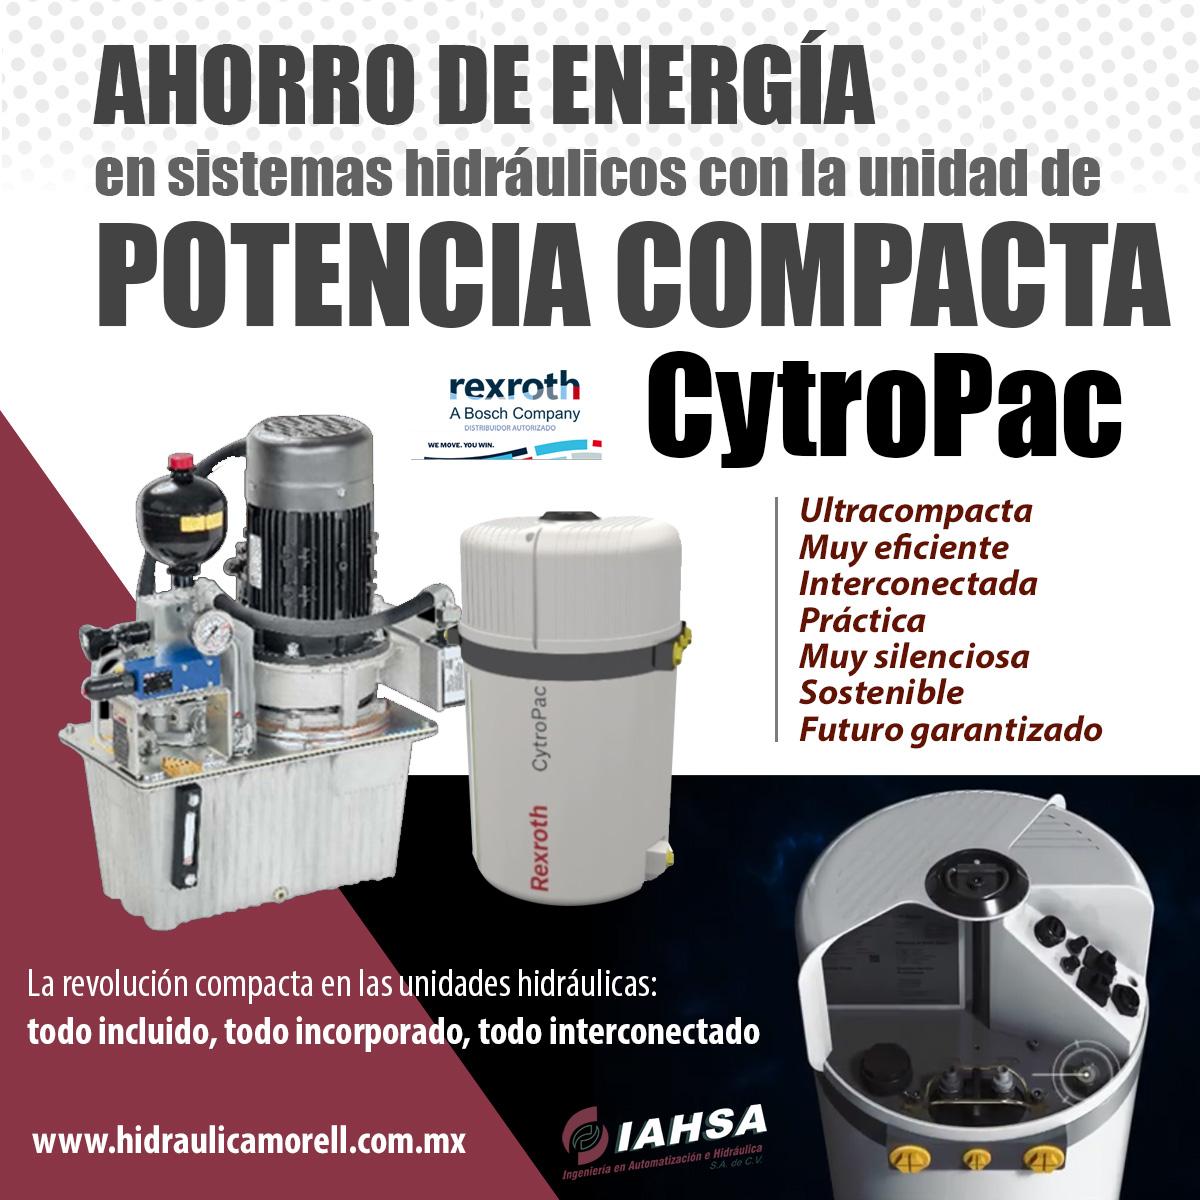 Ahorro de energía en sistemas hidráulicos con la unidad de potencia compacta Cytropac